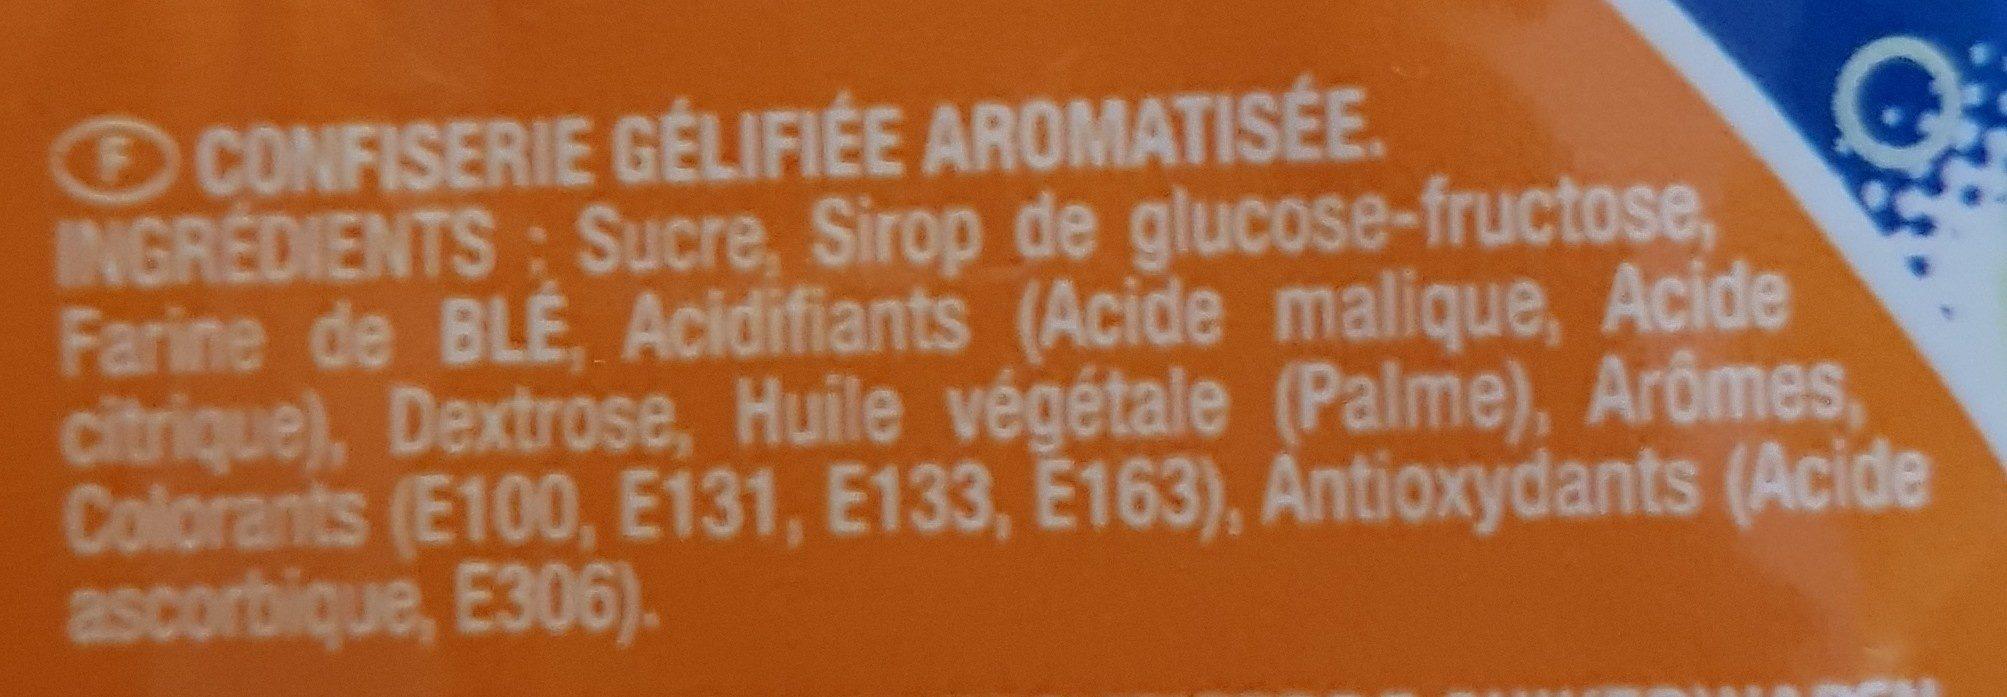 Scoubifizz - Ingredienti - fr